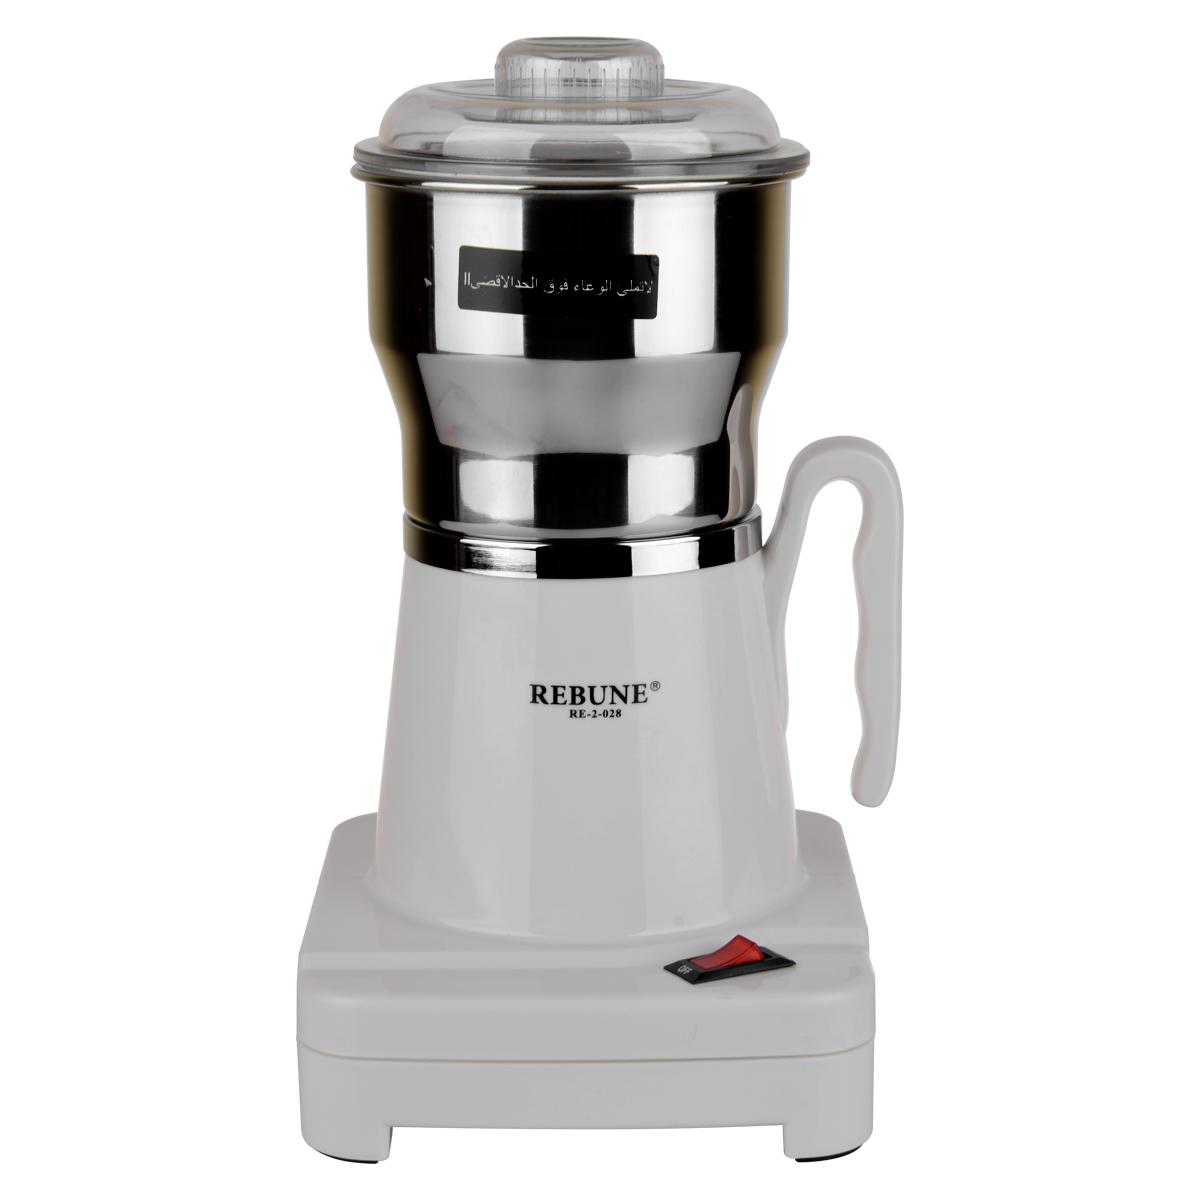 طحانة قهوة ريبون - 300 جرام - 300 واط - RE 2-028